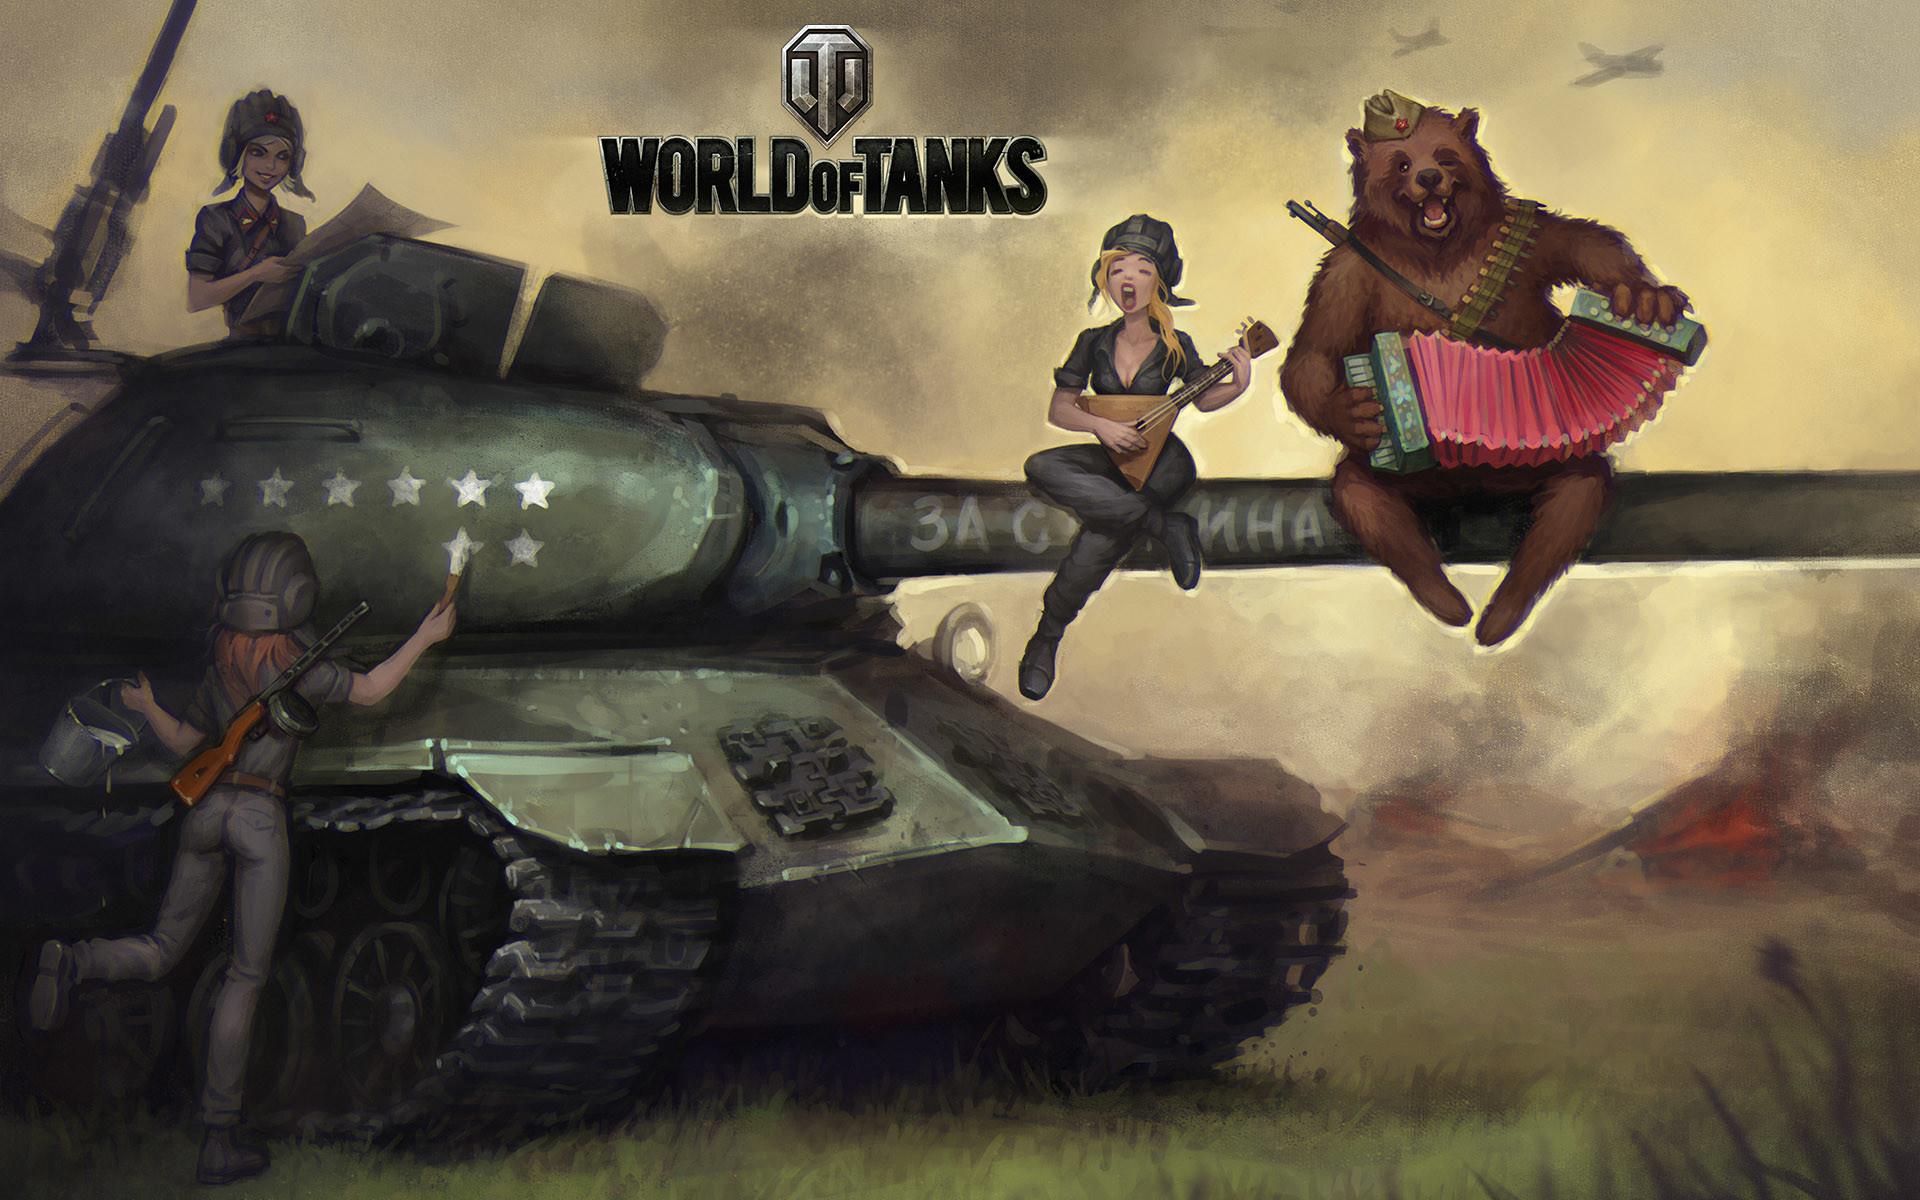 Смешные прикольные картинки с танками, картинки телефон картинки